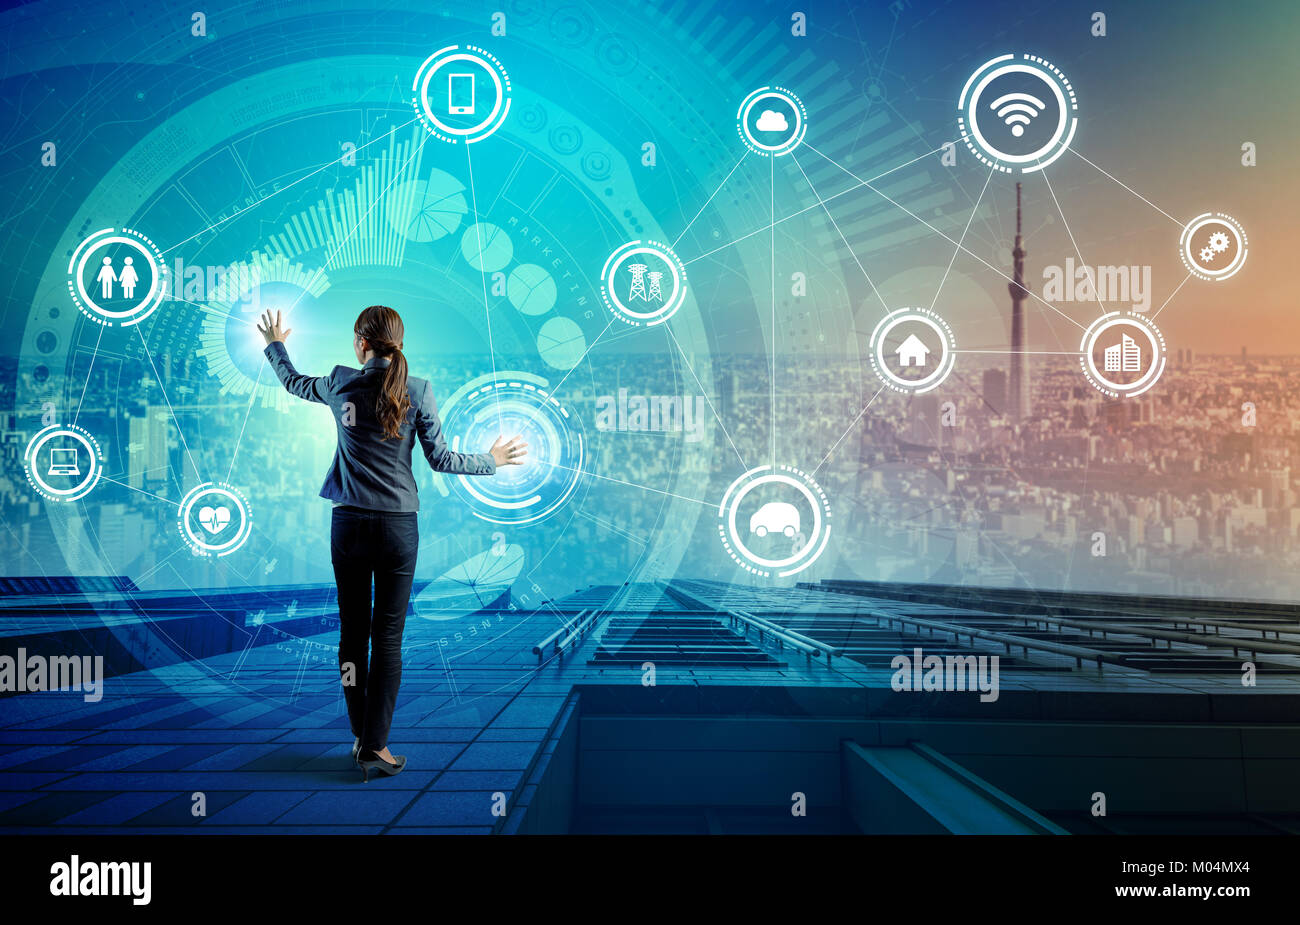 Internet de las cosas (IoT) concepto. Fintech(tecnología financiera). Las tecnologías de la información Imagen De Stock